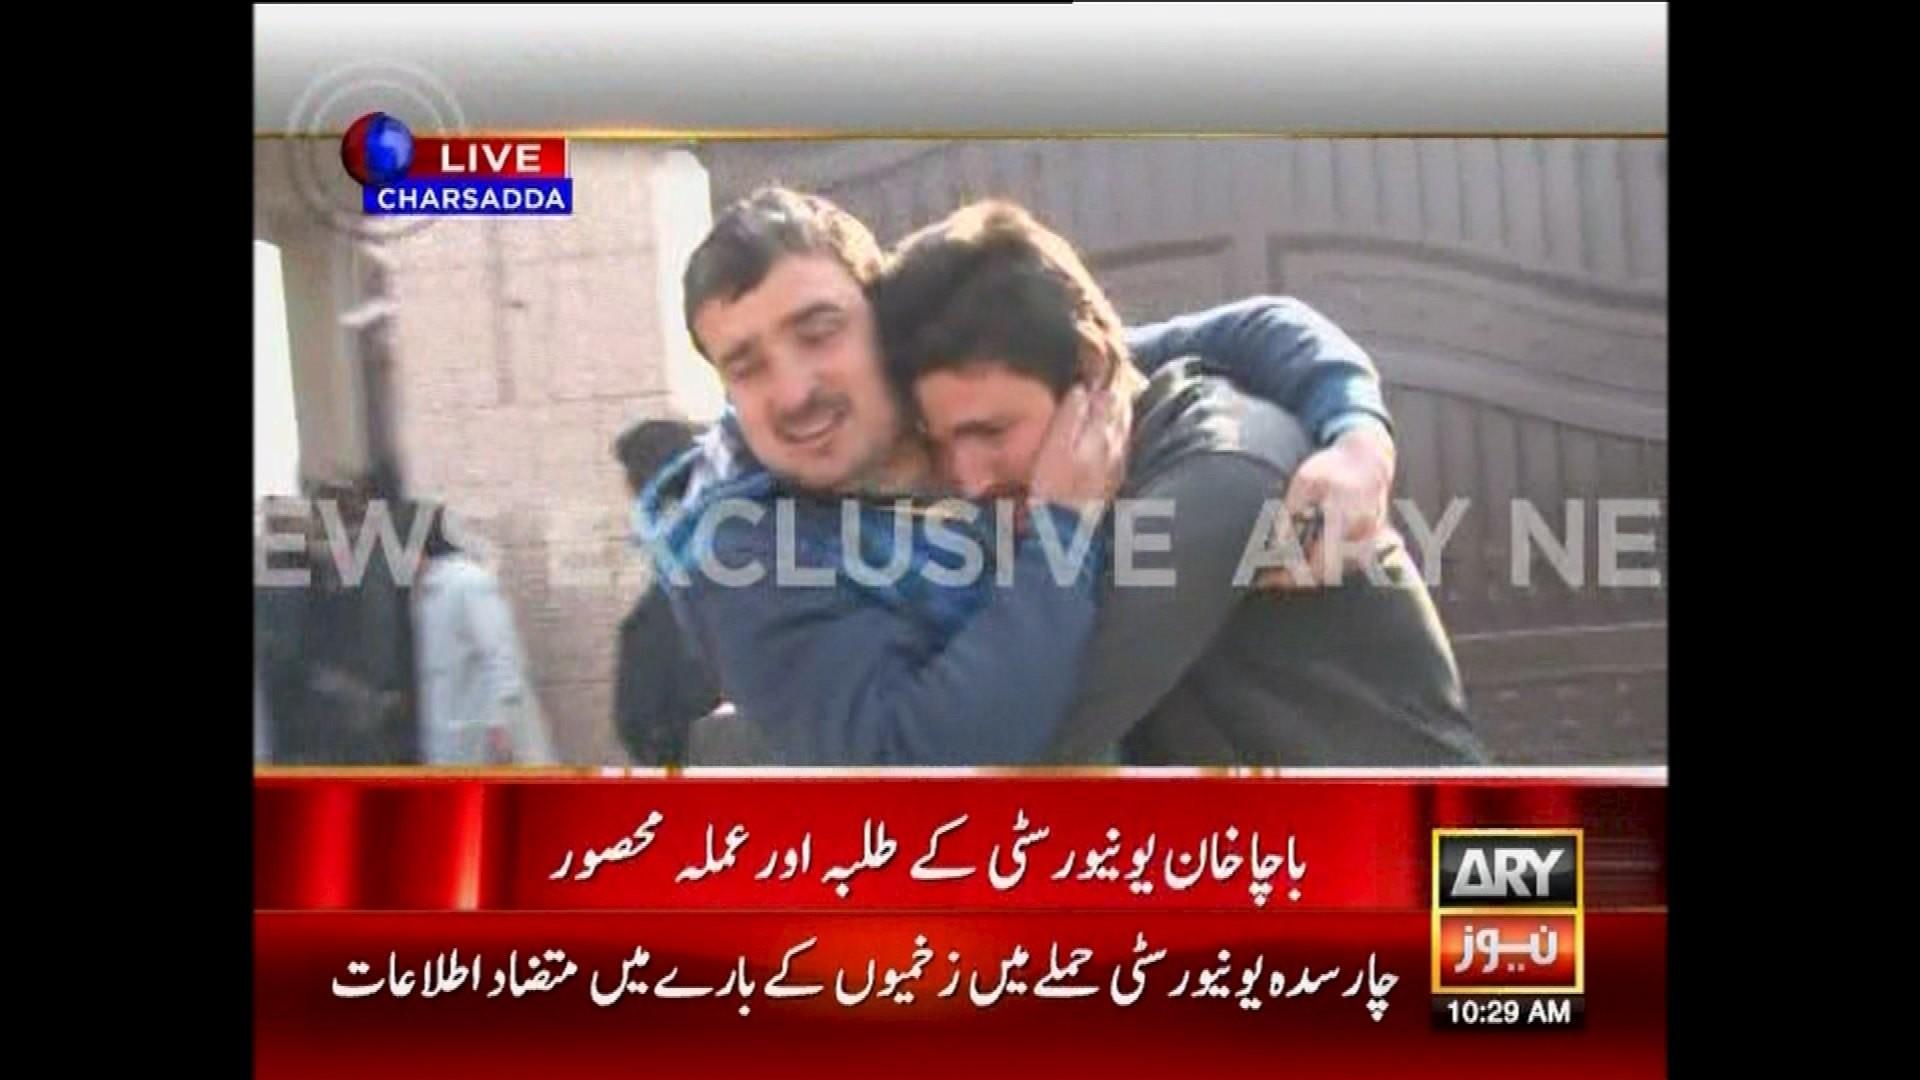 Deux hommes sont évacués du campus de l'université